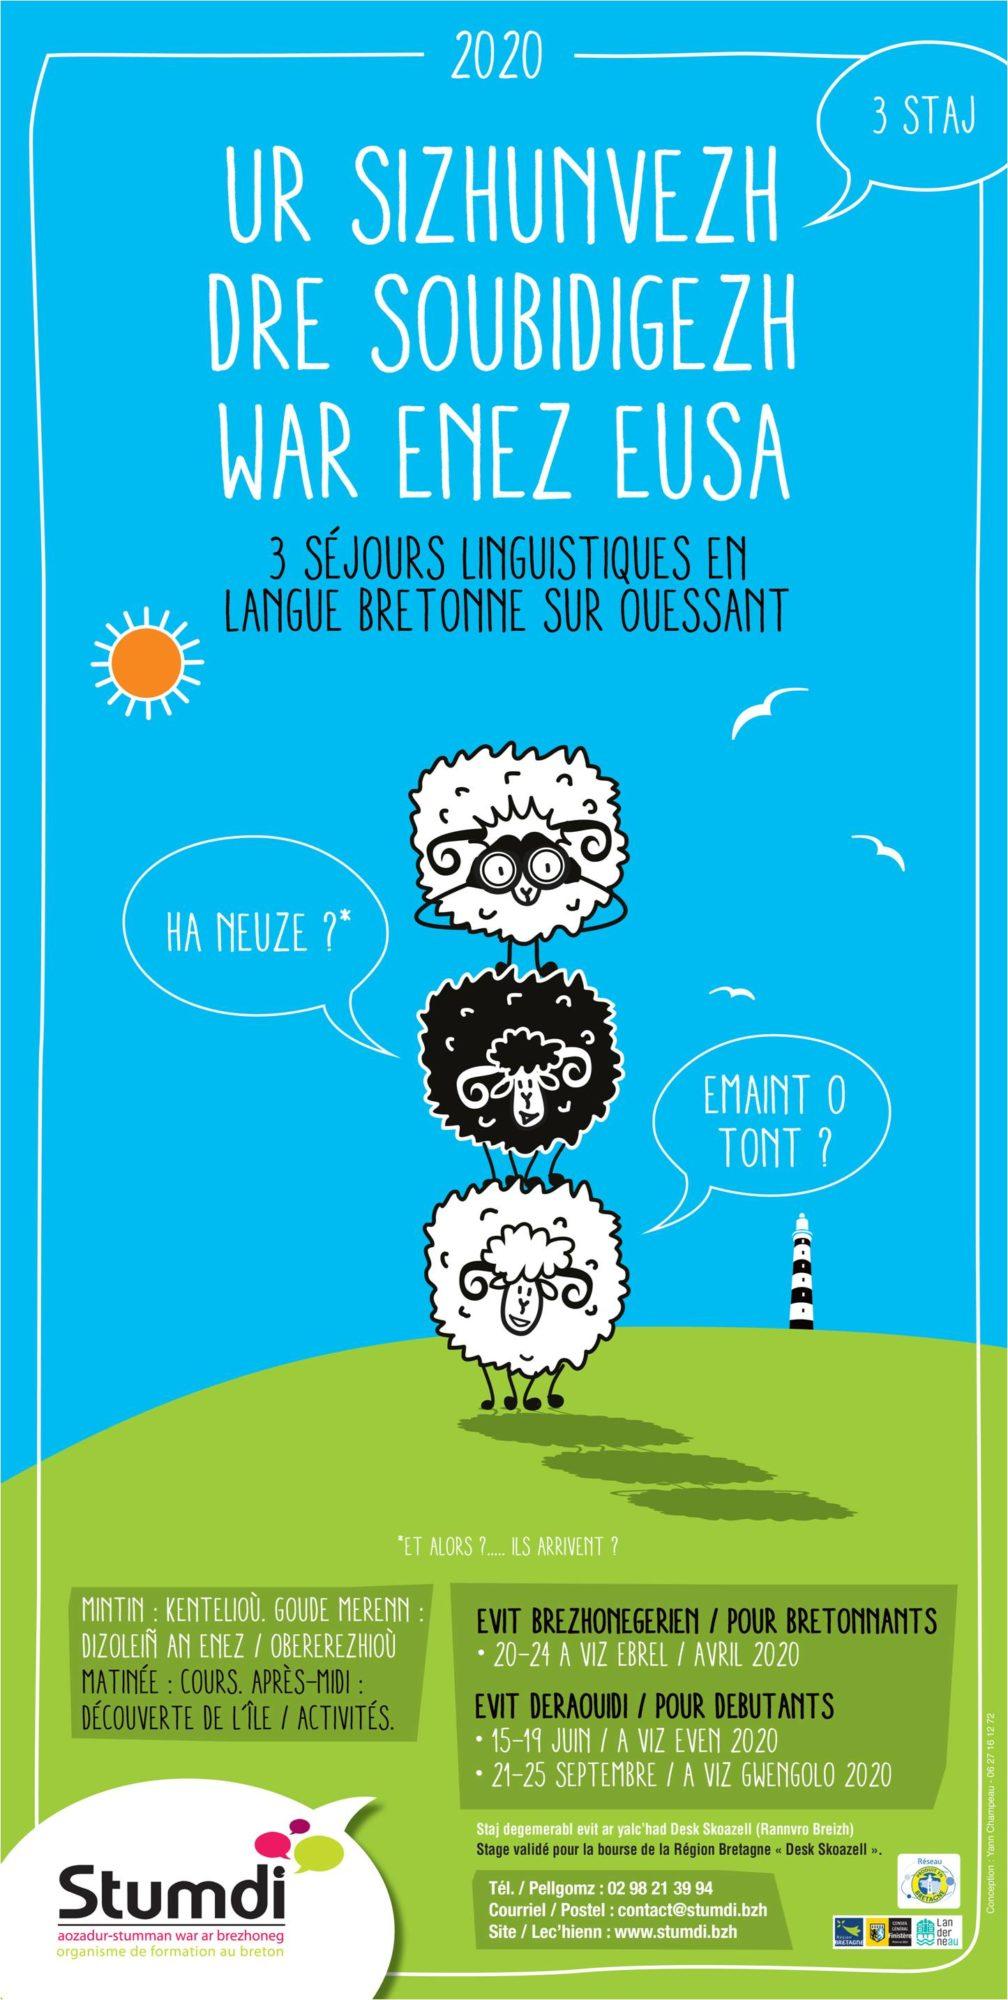 Ouessant - Eusa - Stumdi centre de formation en langue bretonne